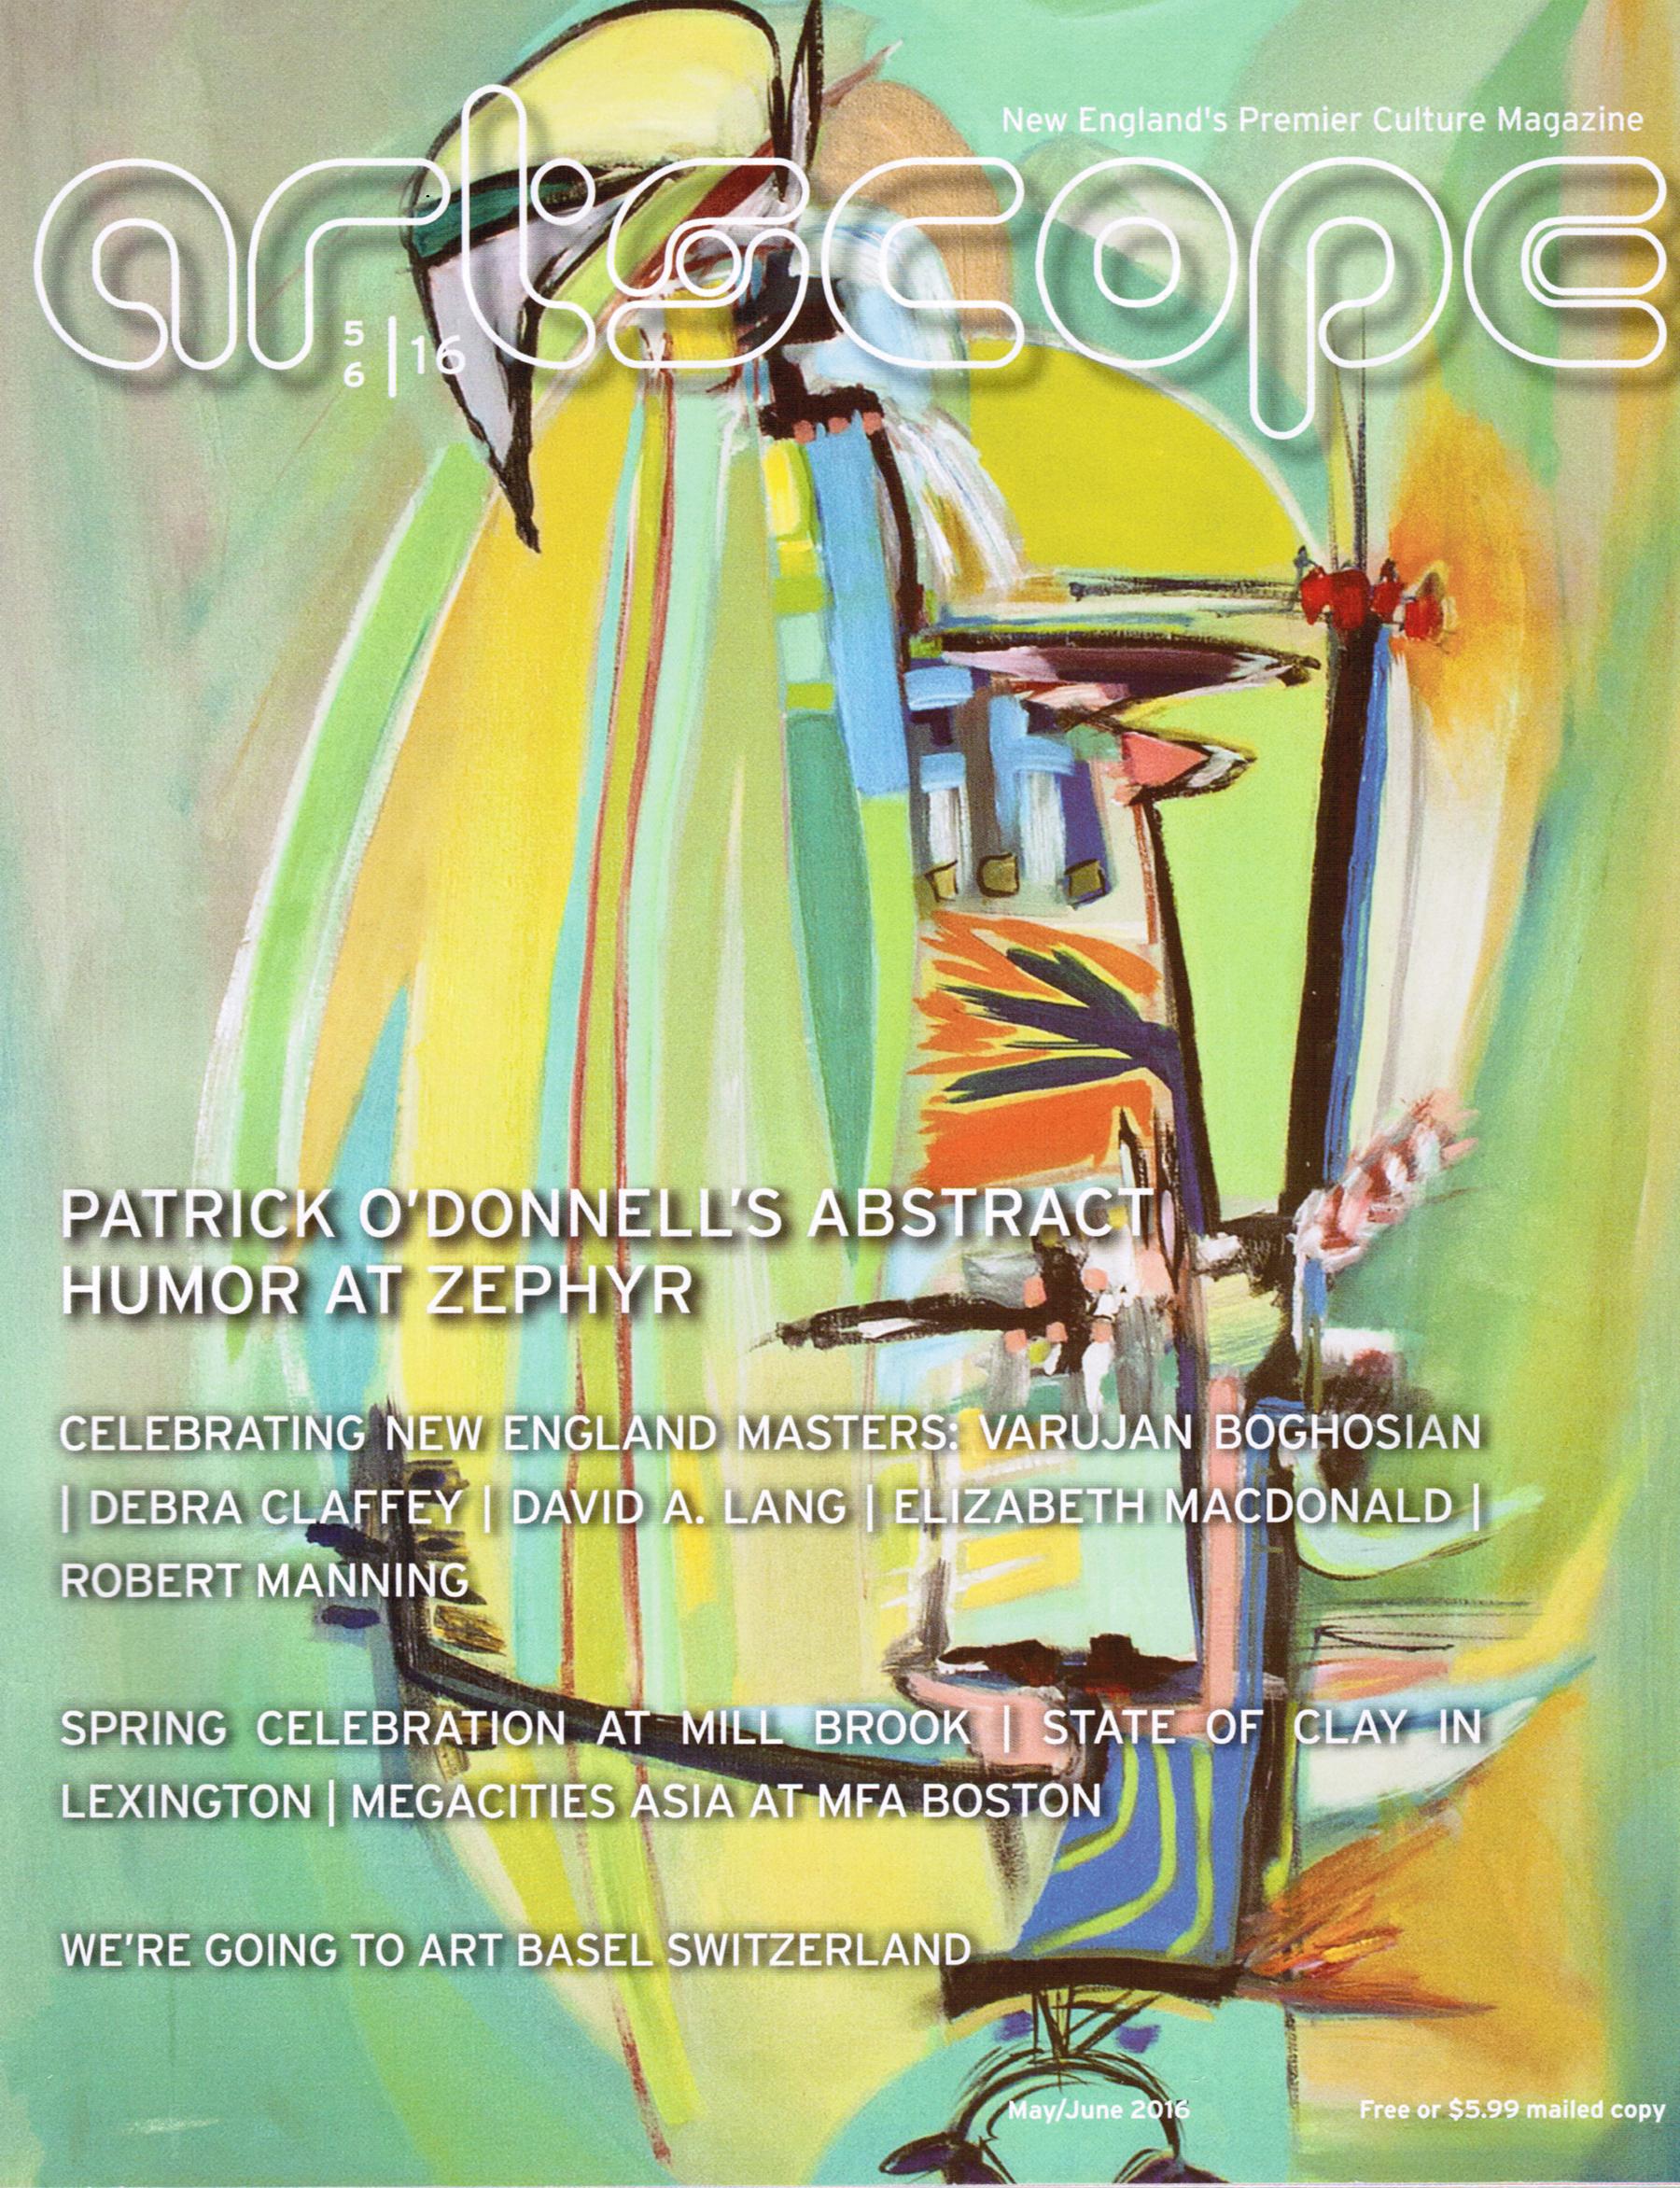 Artscope June 2016 cover